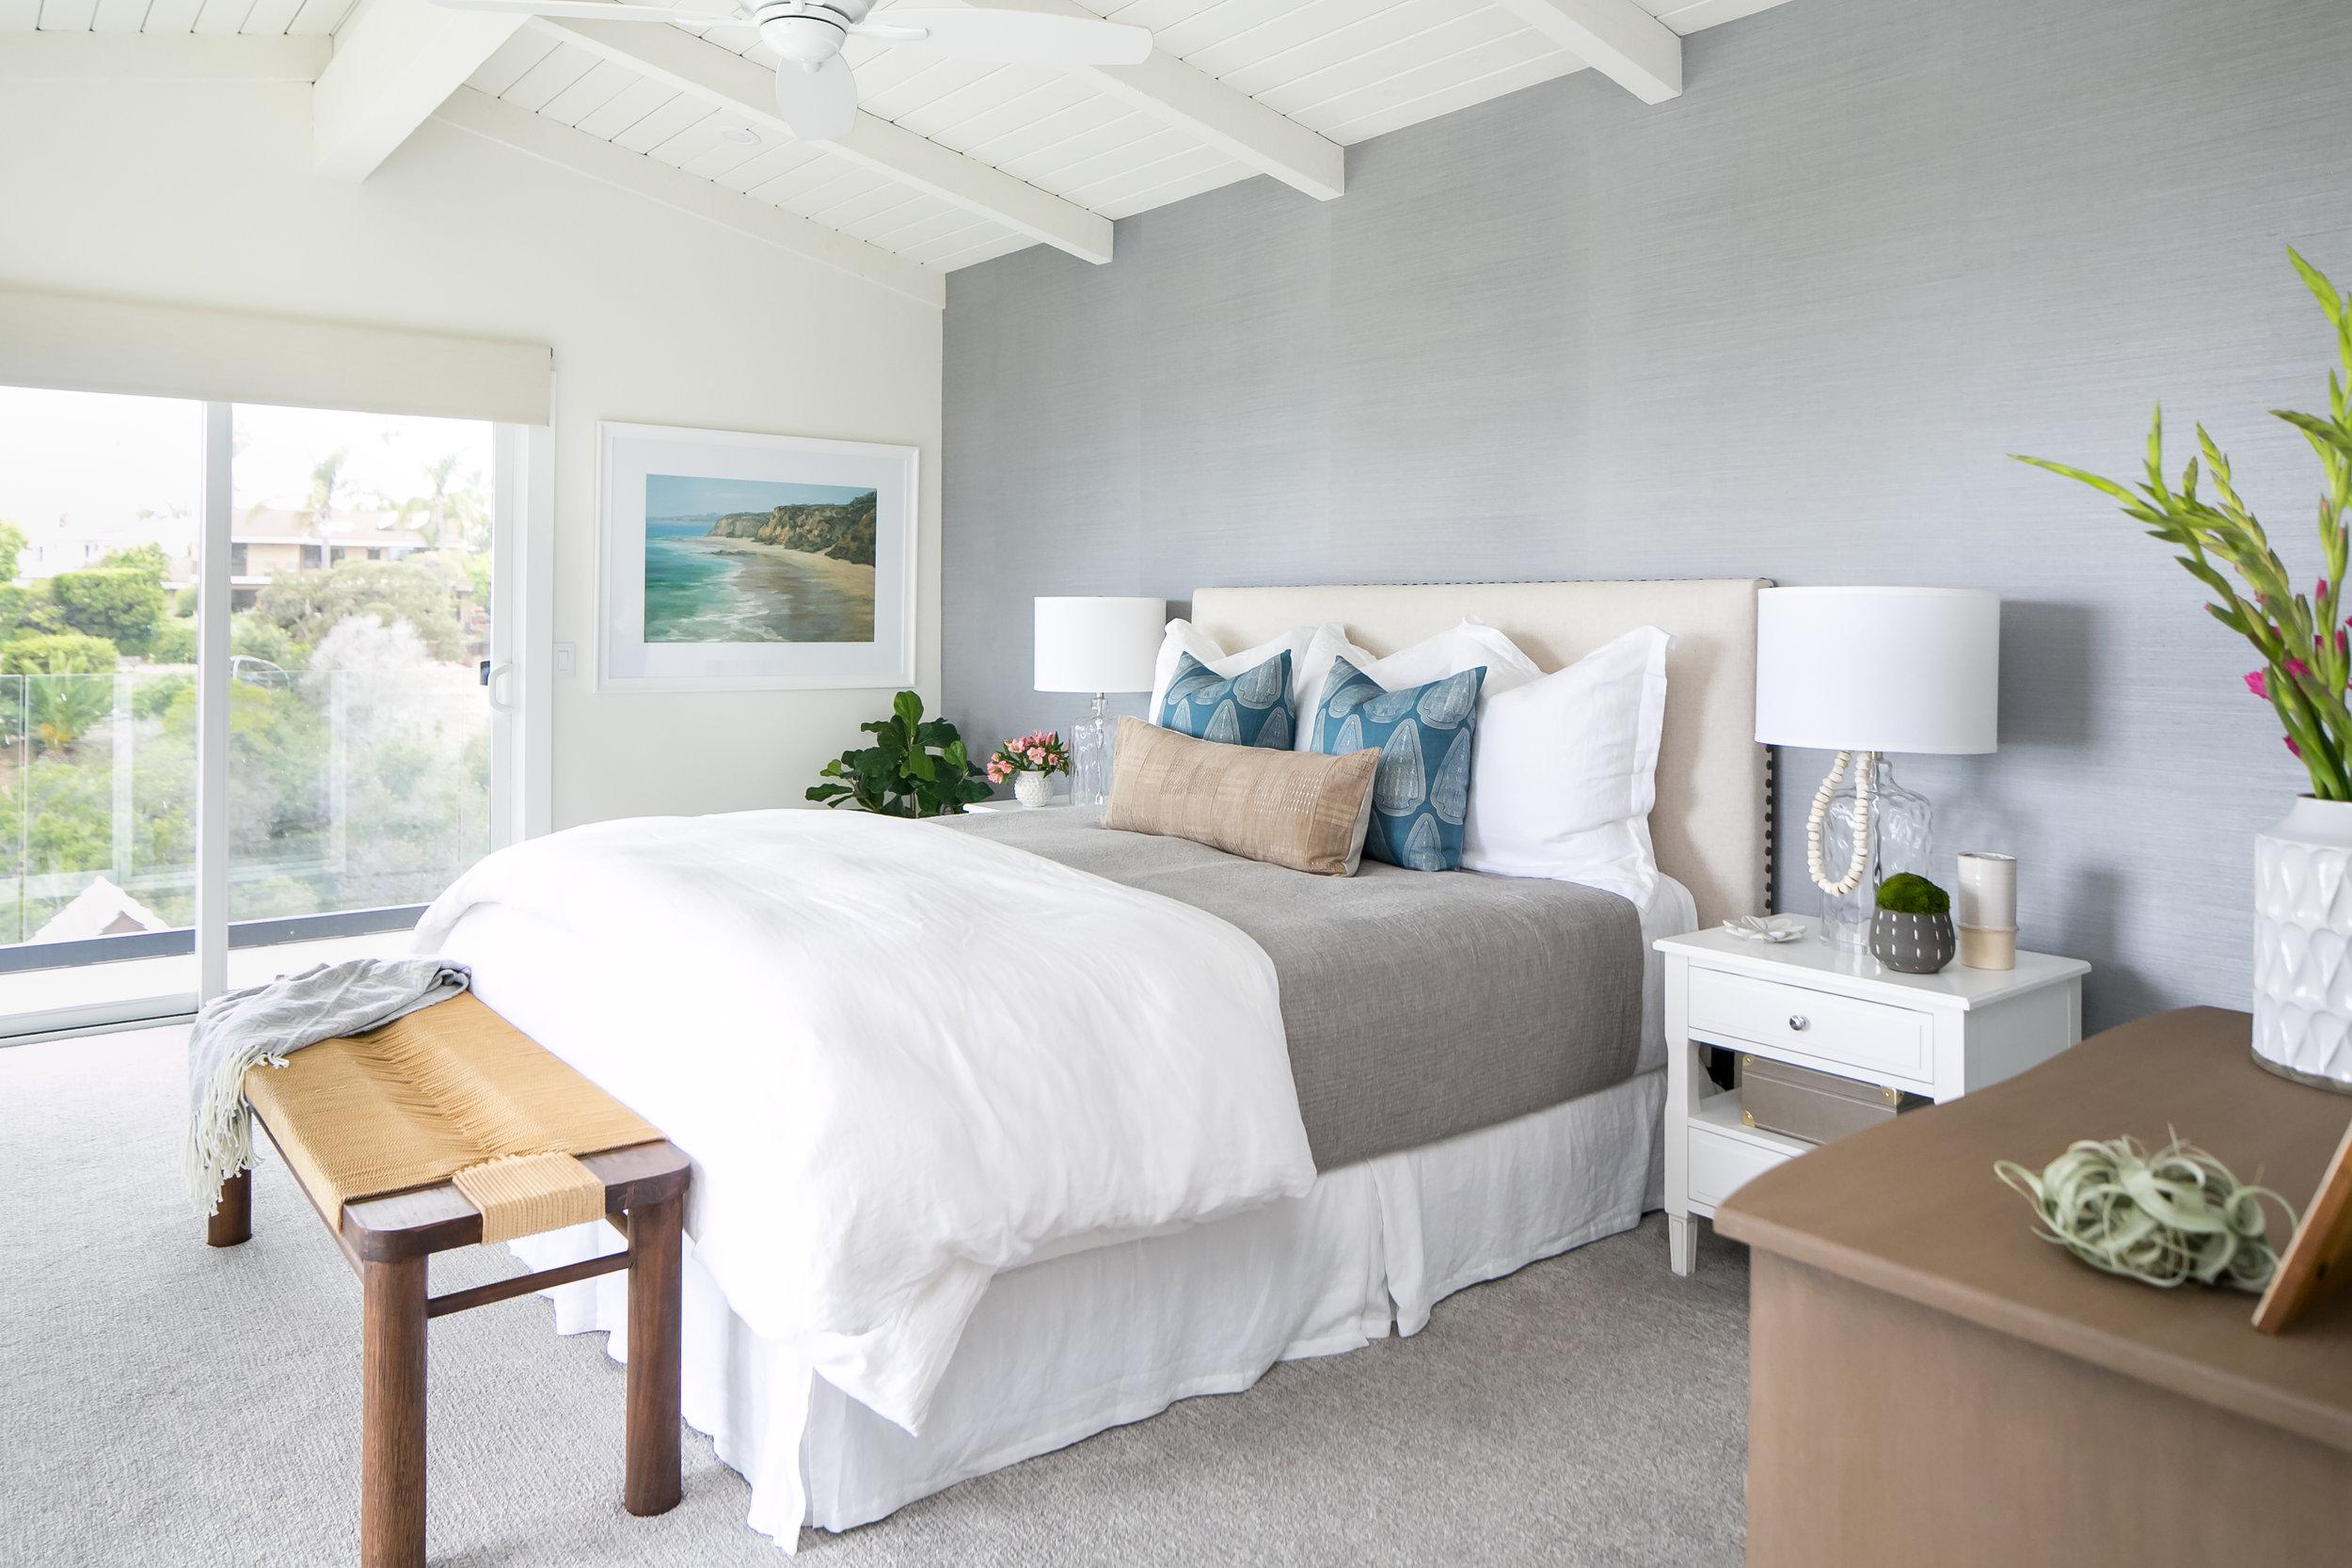 Gaviota Residence - Coastal Master Bedroom by San Clemente-based interior designer Allison Merritt Design